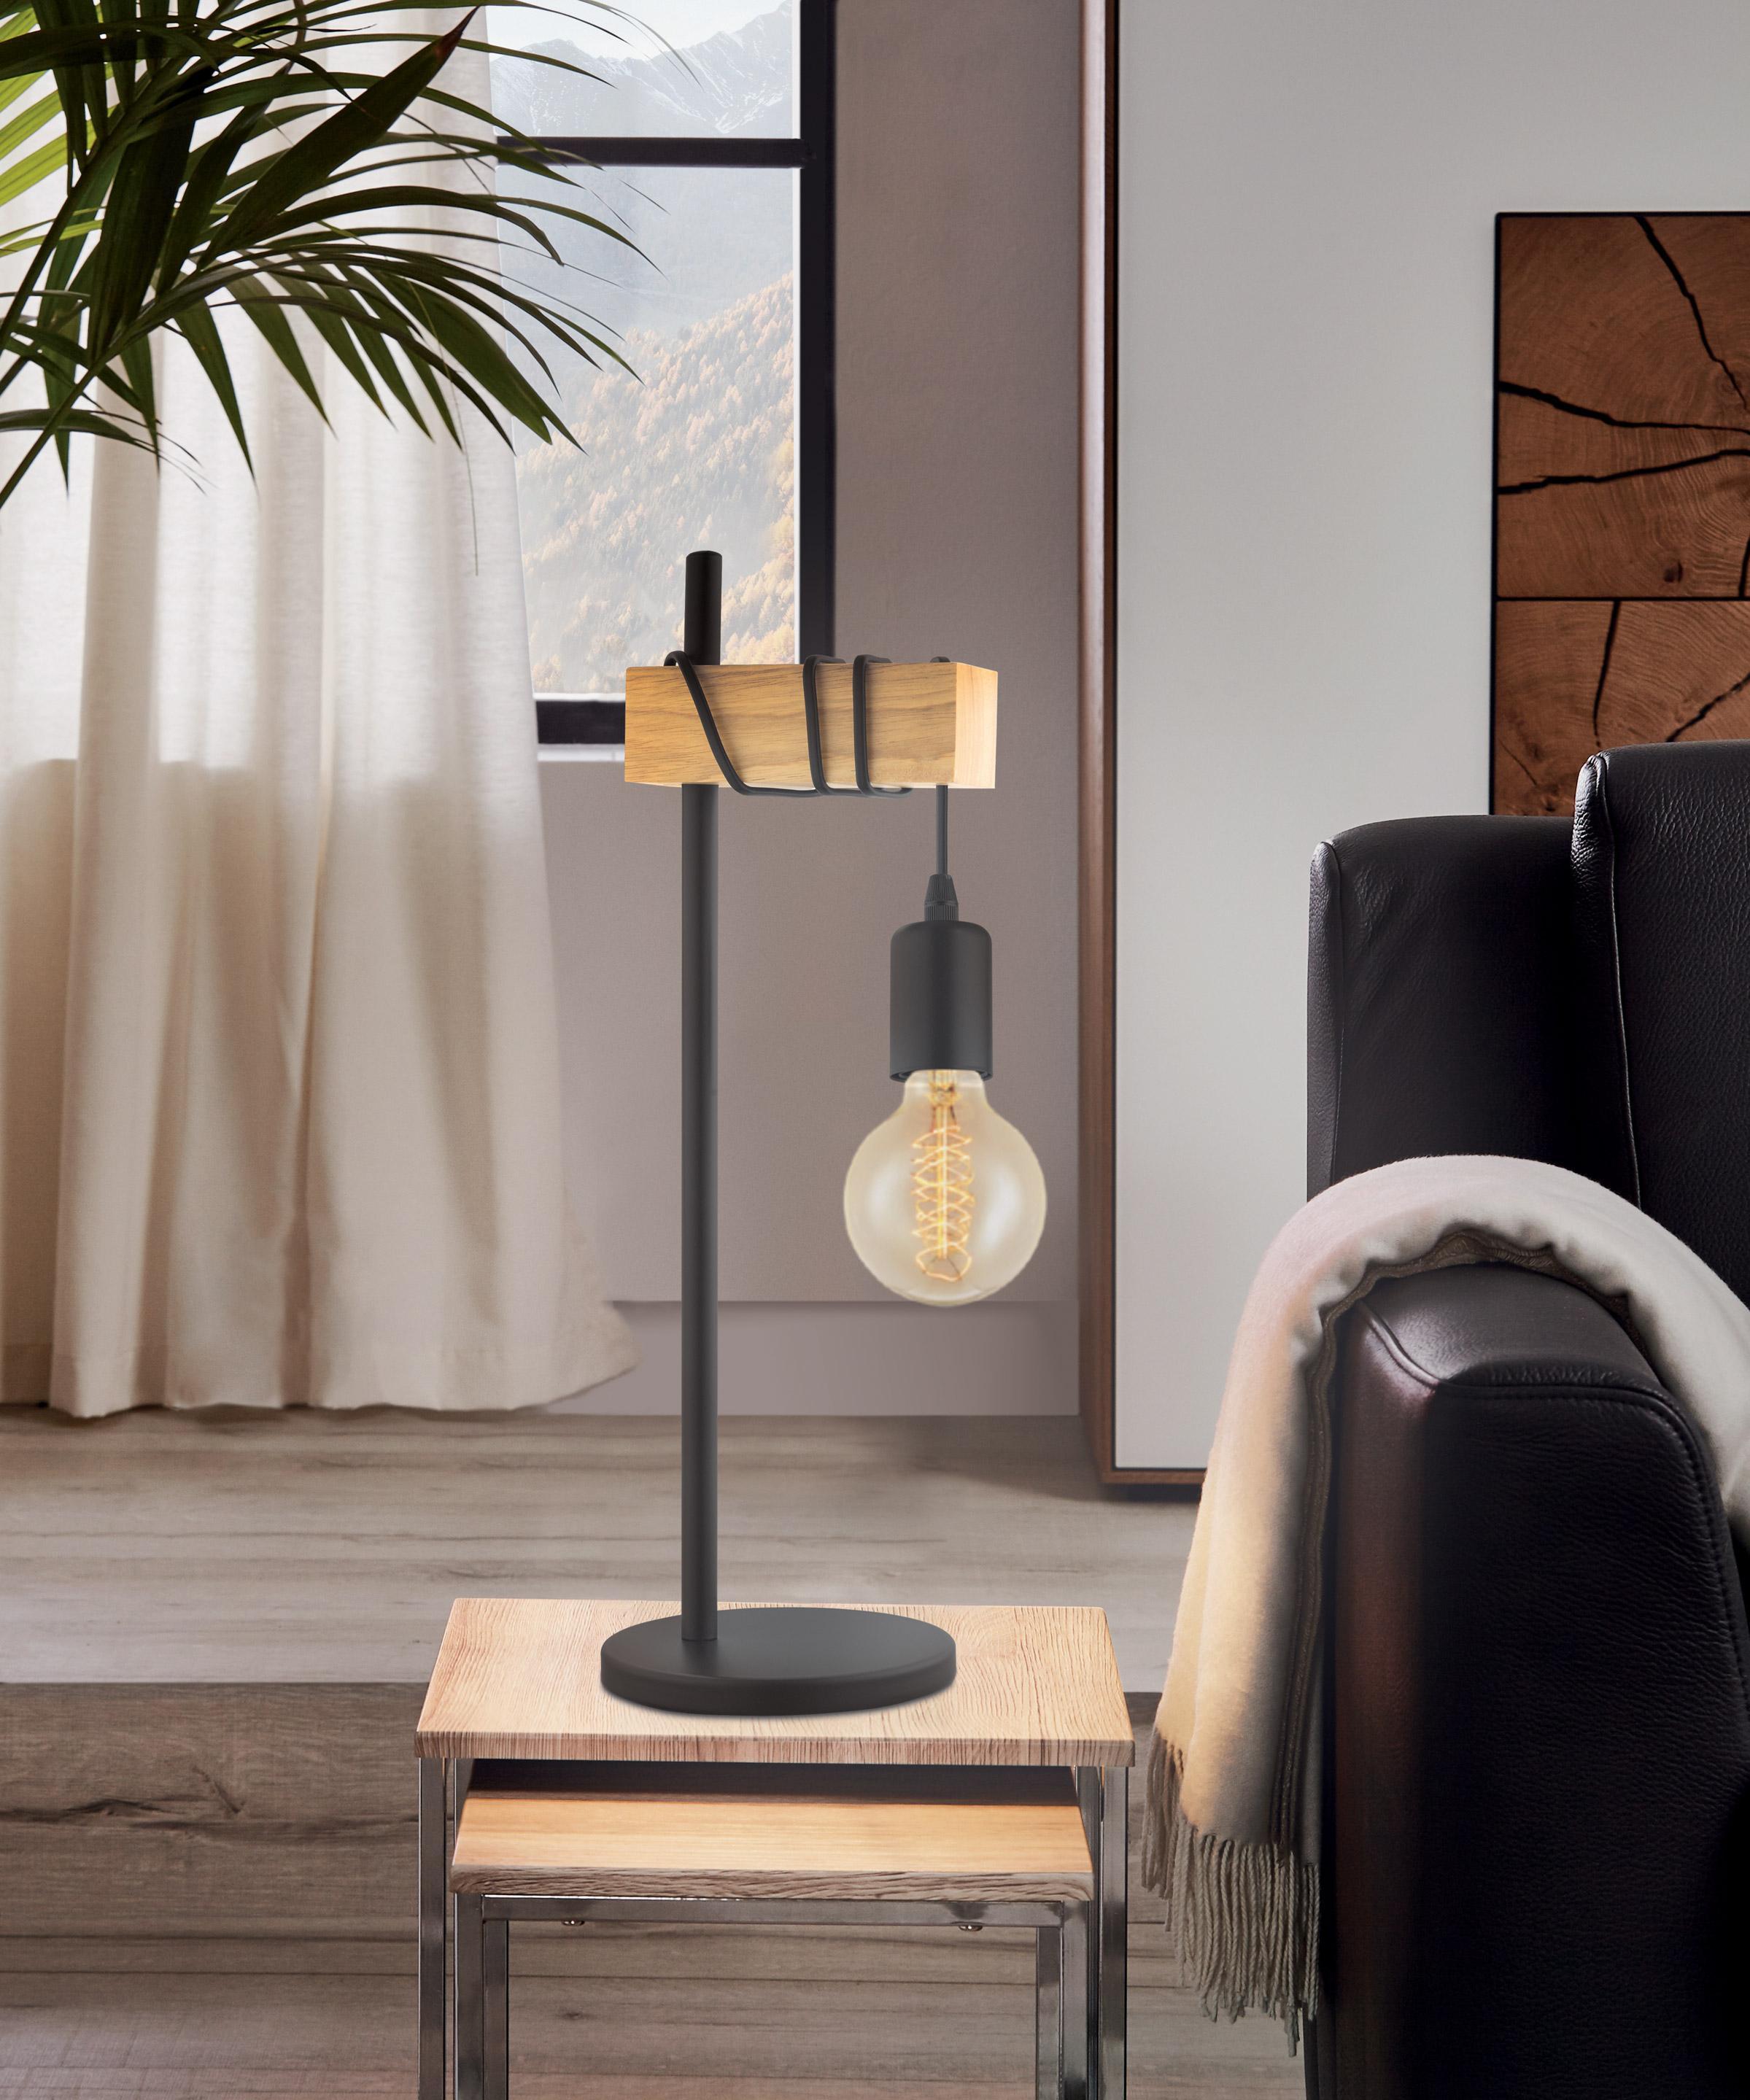 Lampe, e27 Townshend EGLO, 60 W